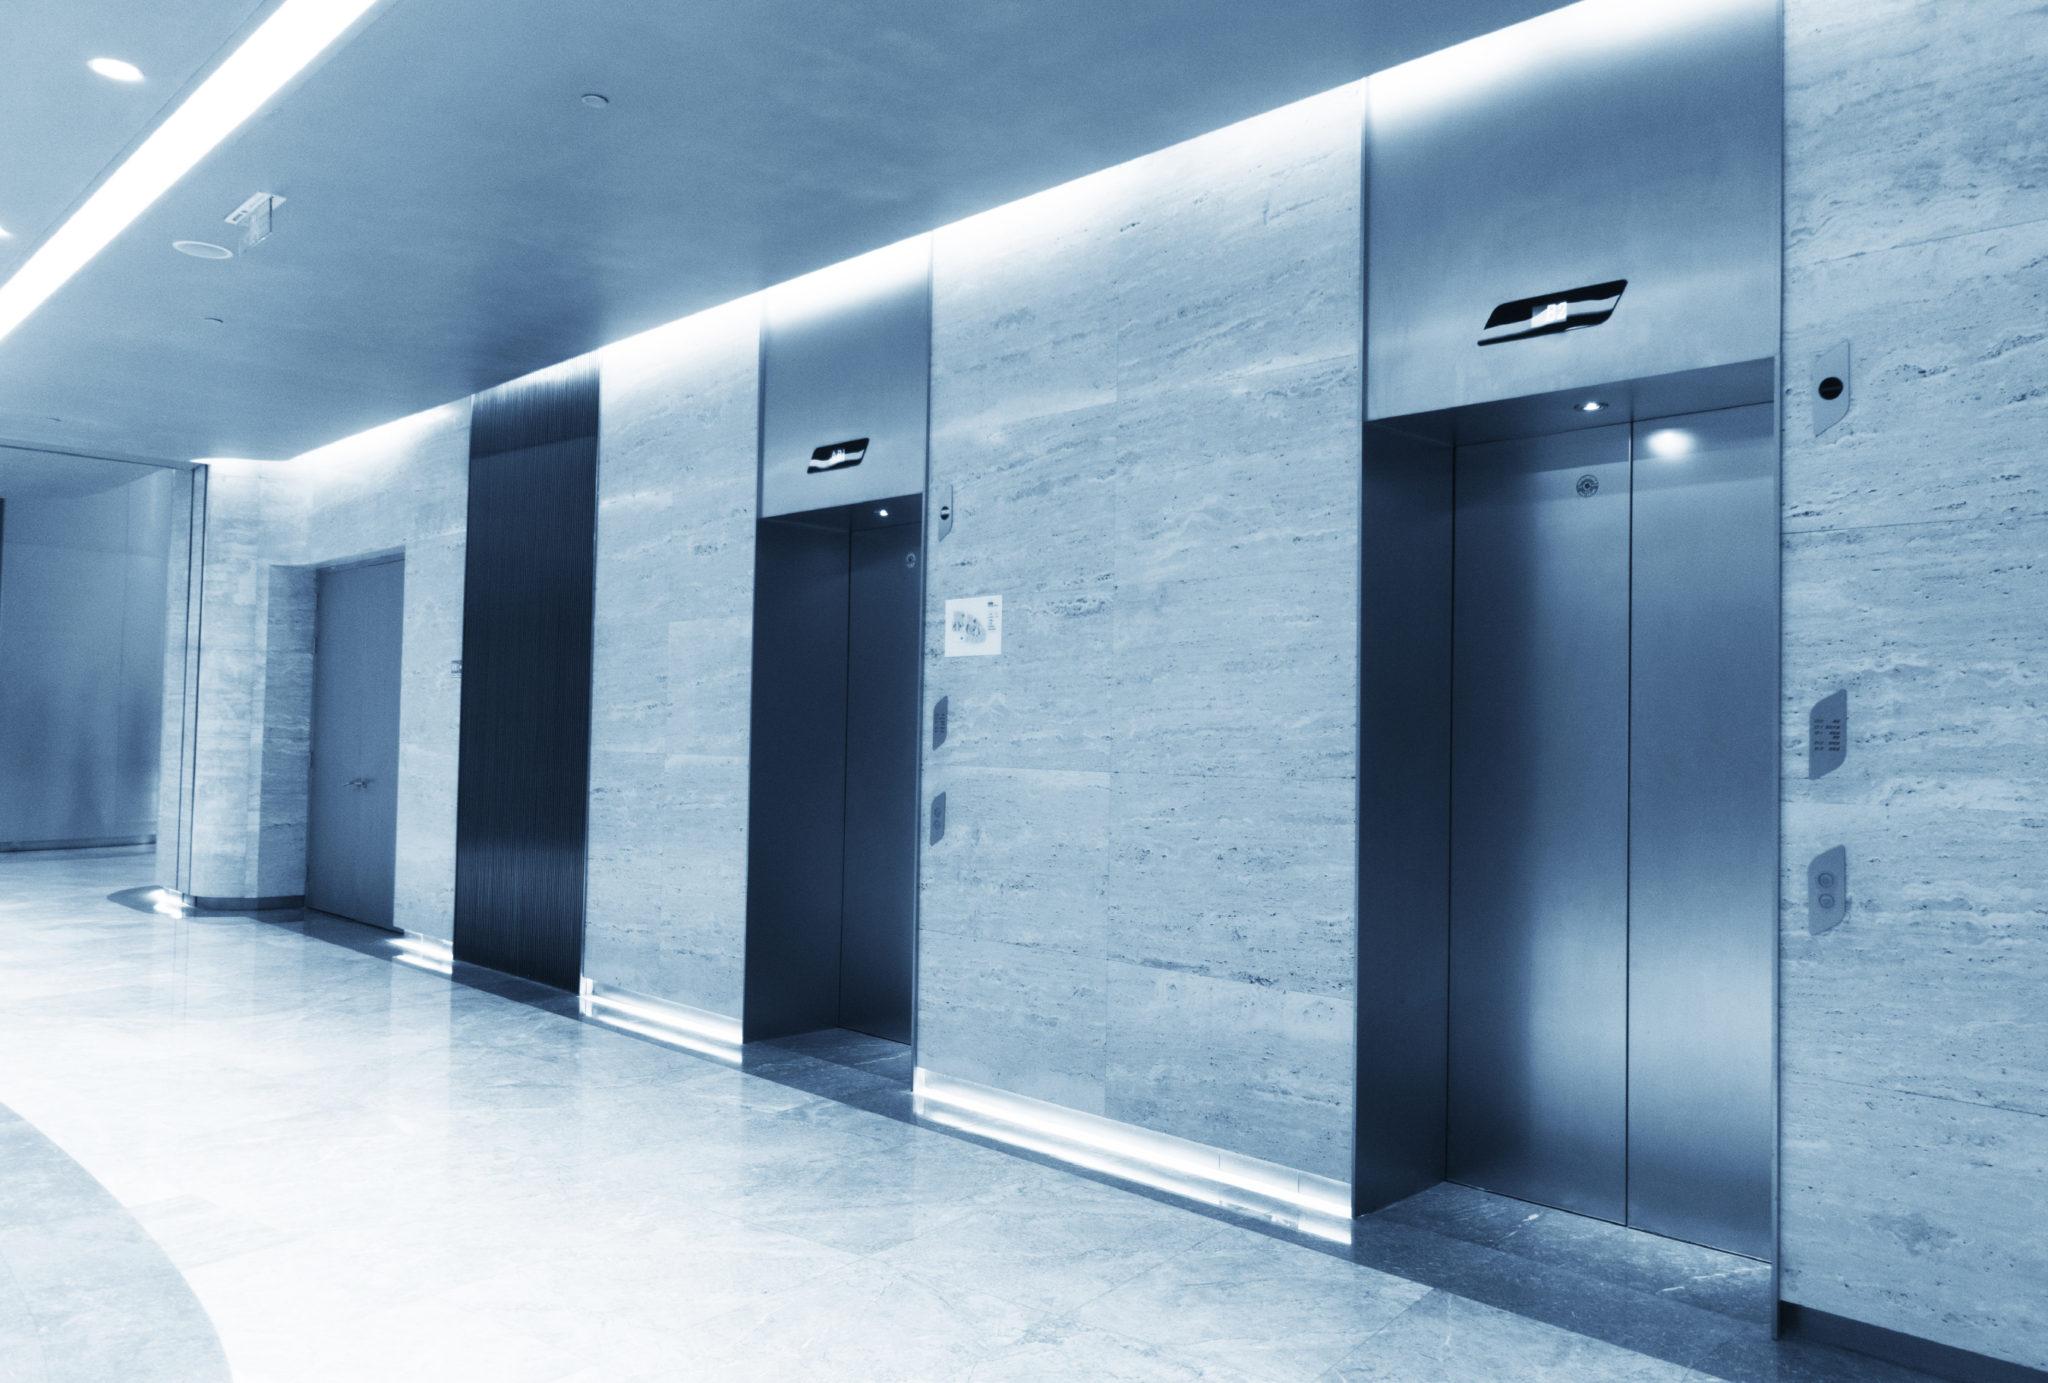 ankara asansör bakım firmaları, asansör, asansör bakım firmaları,asansör bakımı,niğde asansör firmaları,ankara asansör firmaları,asansör kontrolü,metal etiket,asansör etiketi,kırmızı etiketli asansör,Yeşil Etiketli Asansör